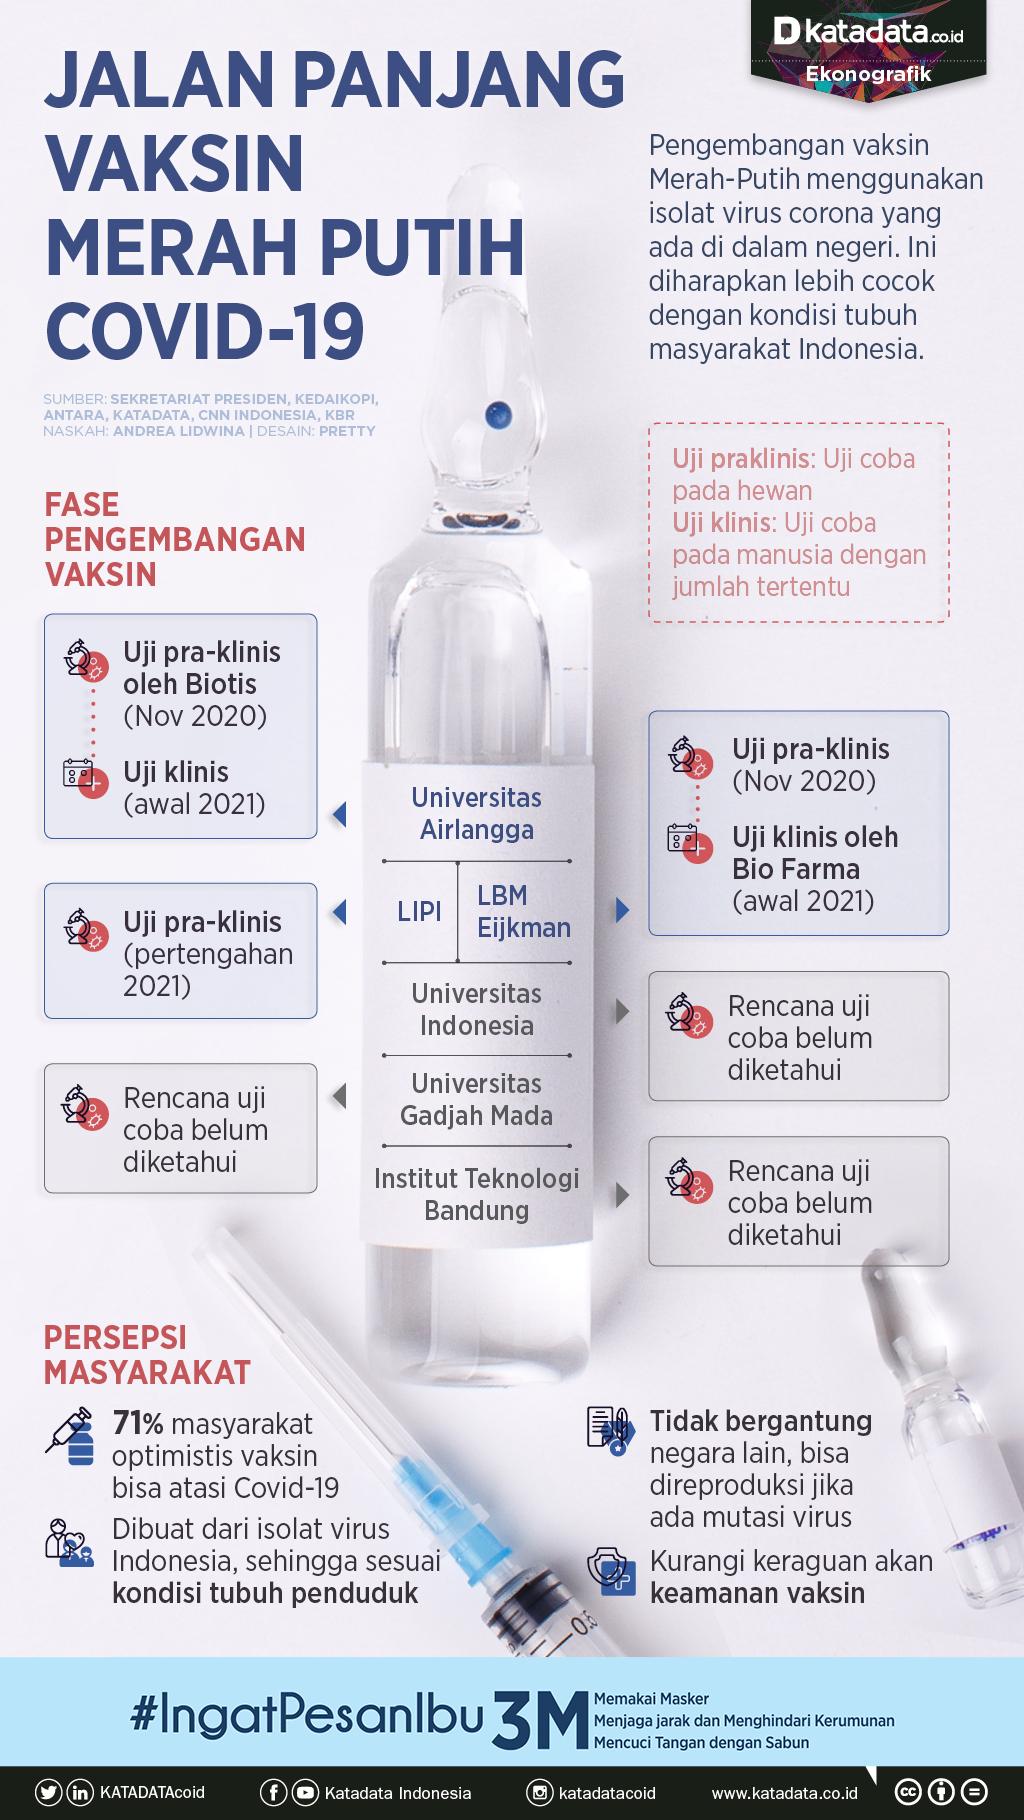 Infografik_Jalan panjang vaksin merah putih covid-19